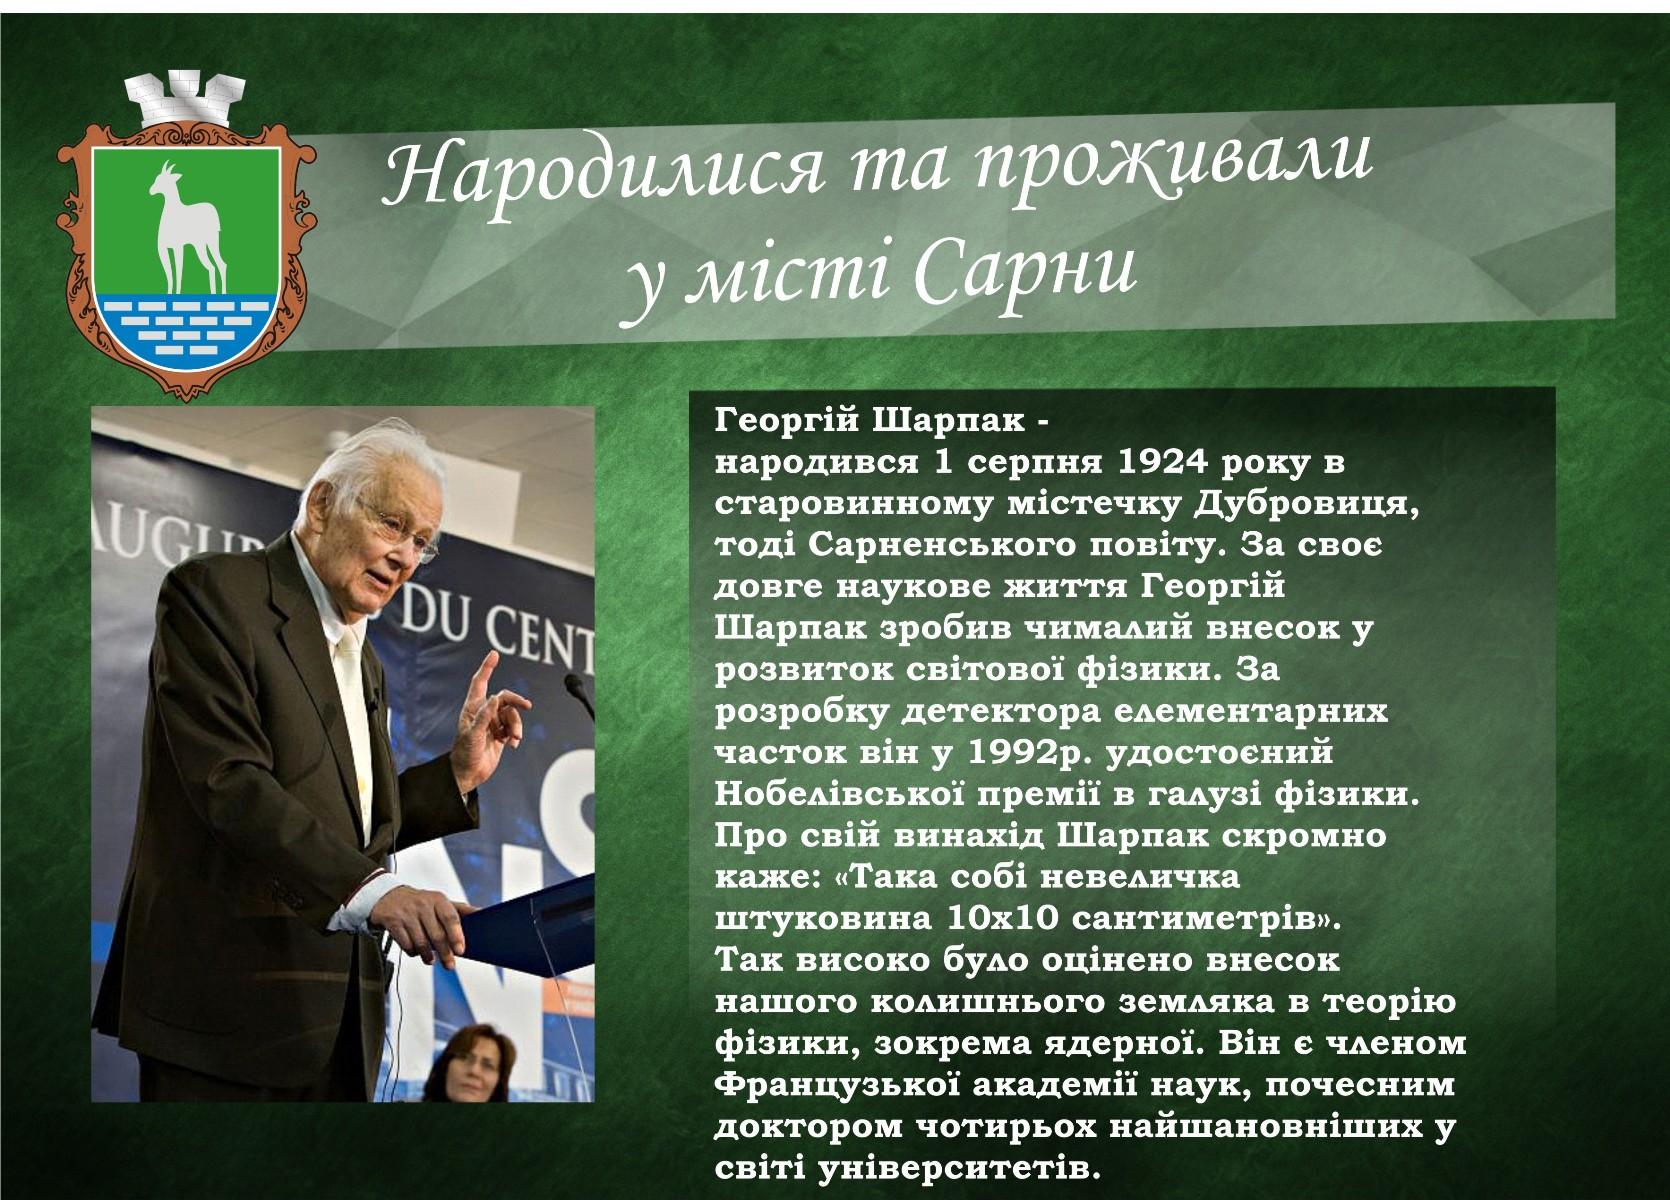 Георгій Шарпак